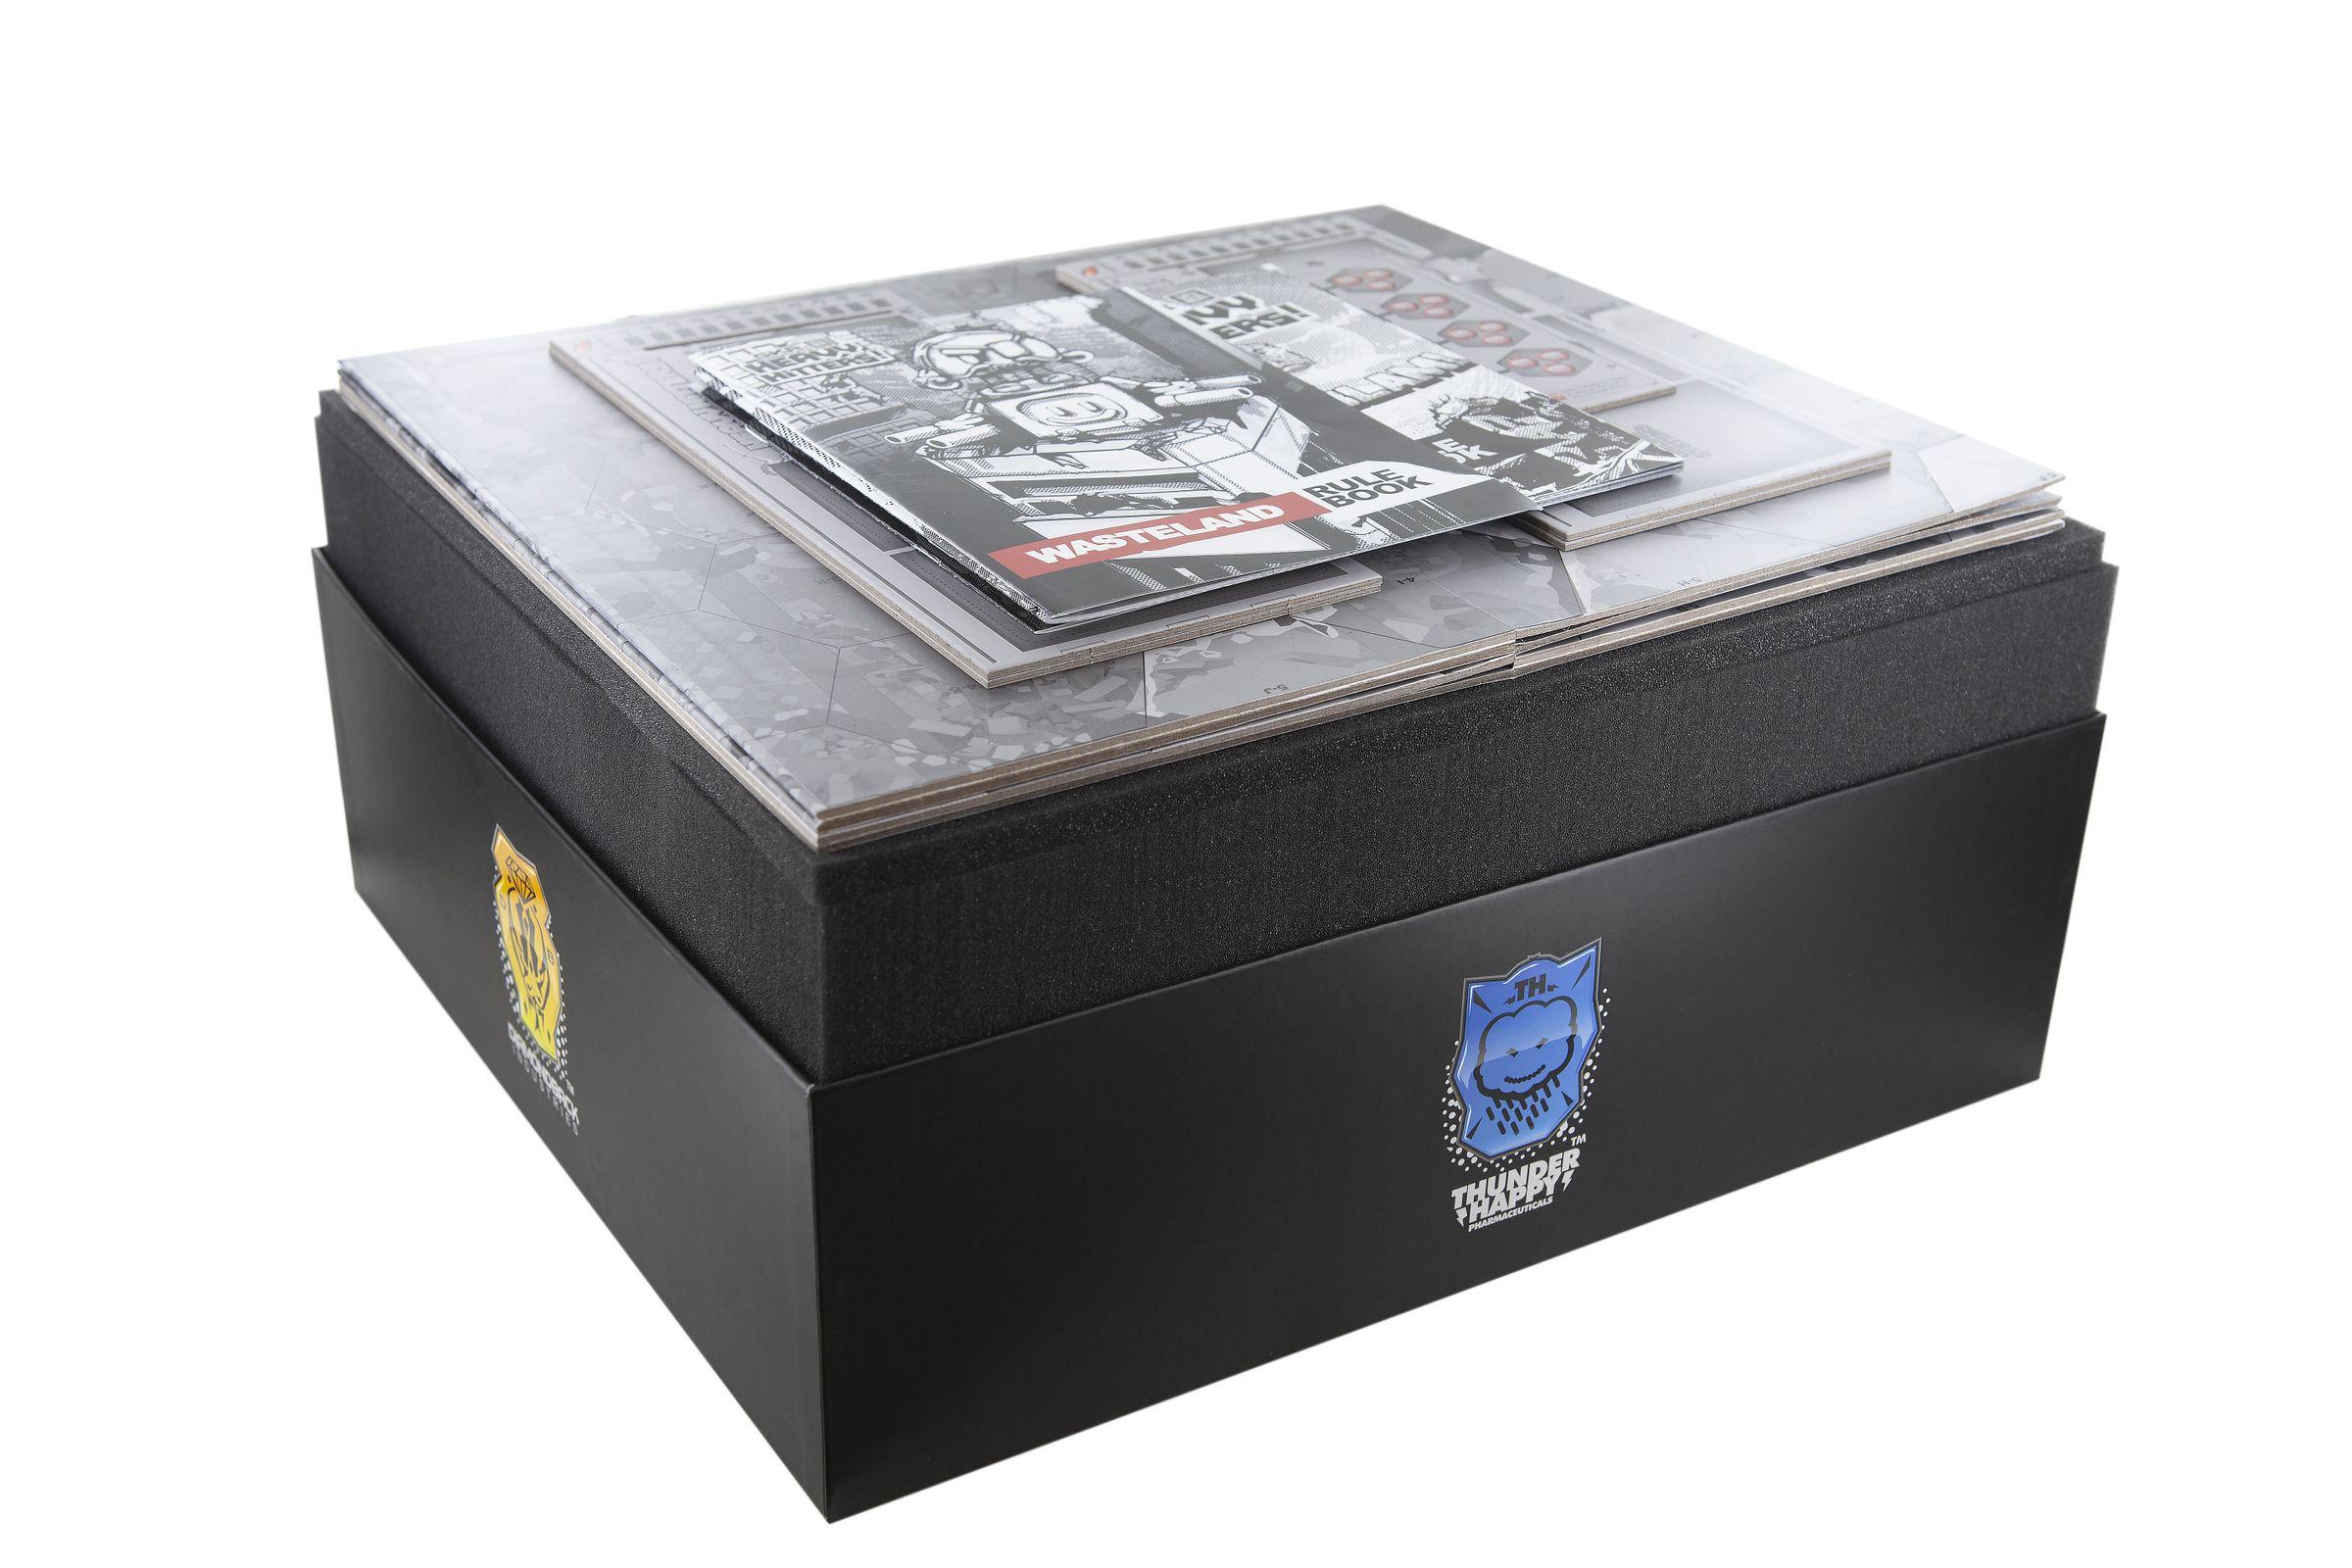 Feldherr foam tray set for Heavy Hitters board game box